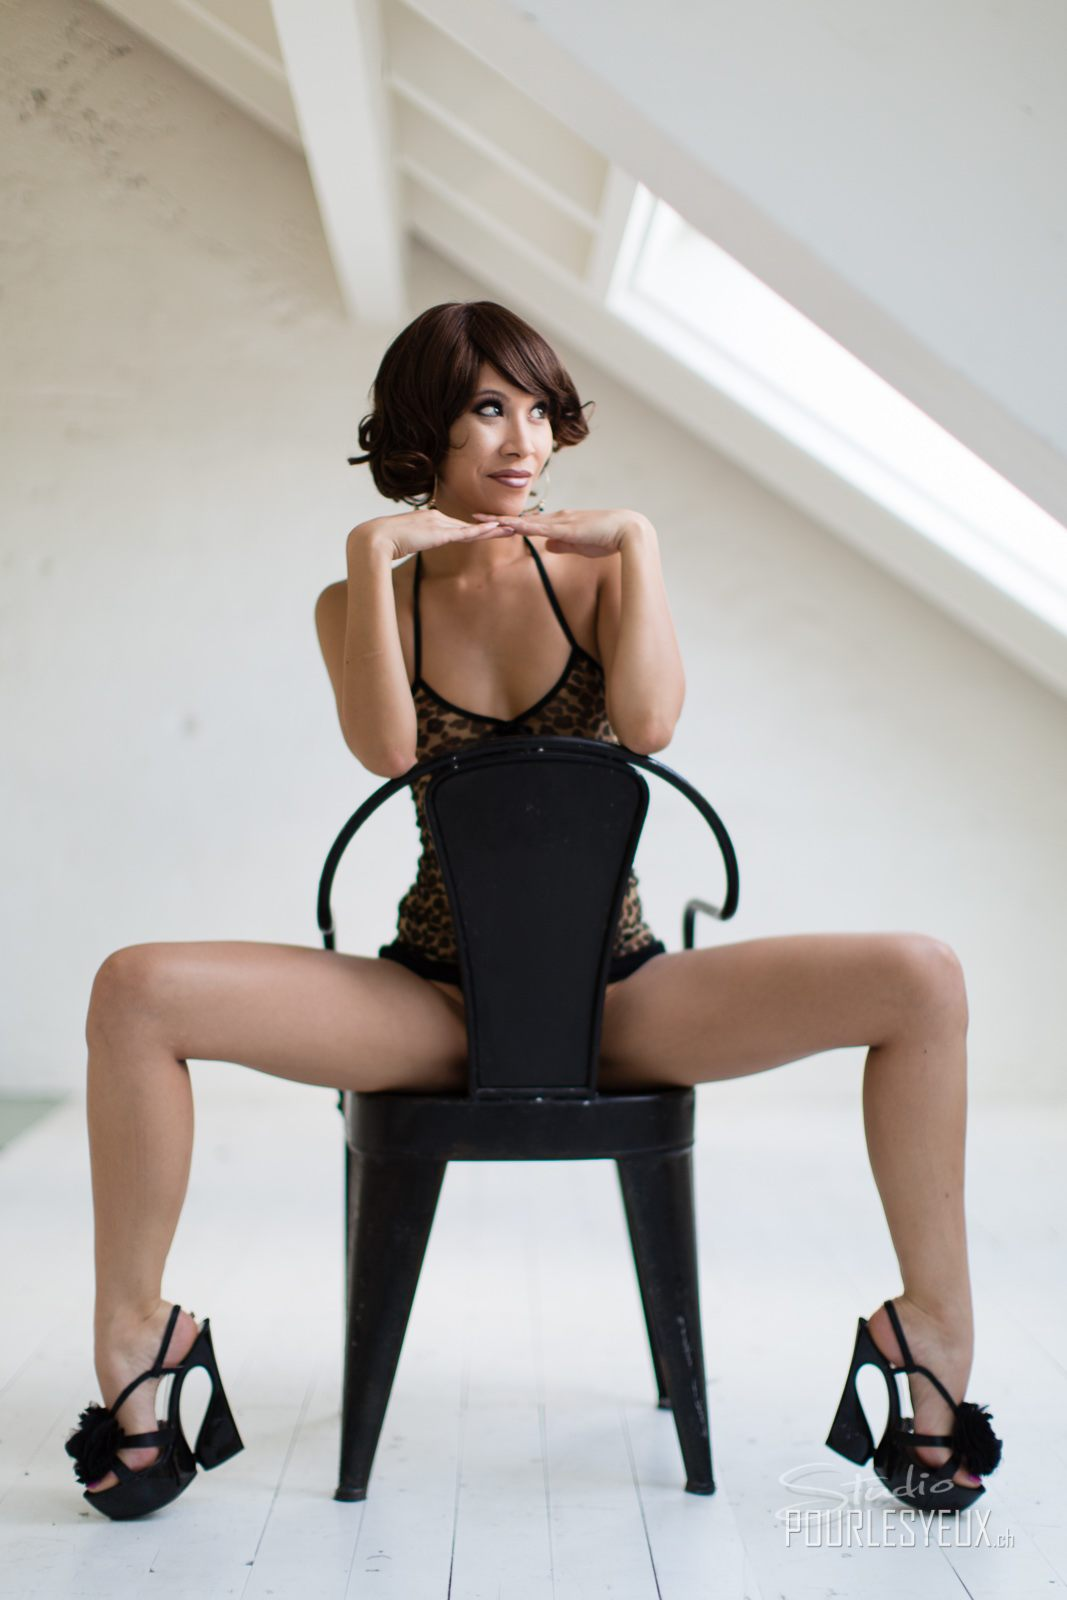 jenny suv femme genève modèle mannequin suisse maquilleuse danseuse lingerie charme